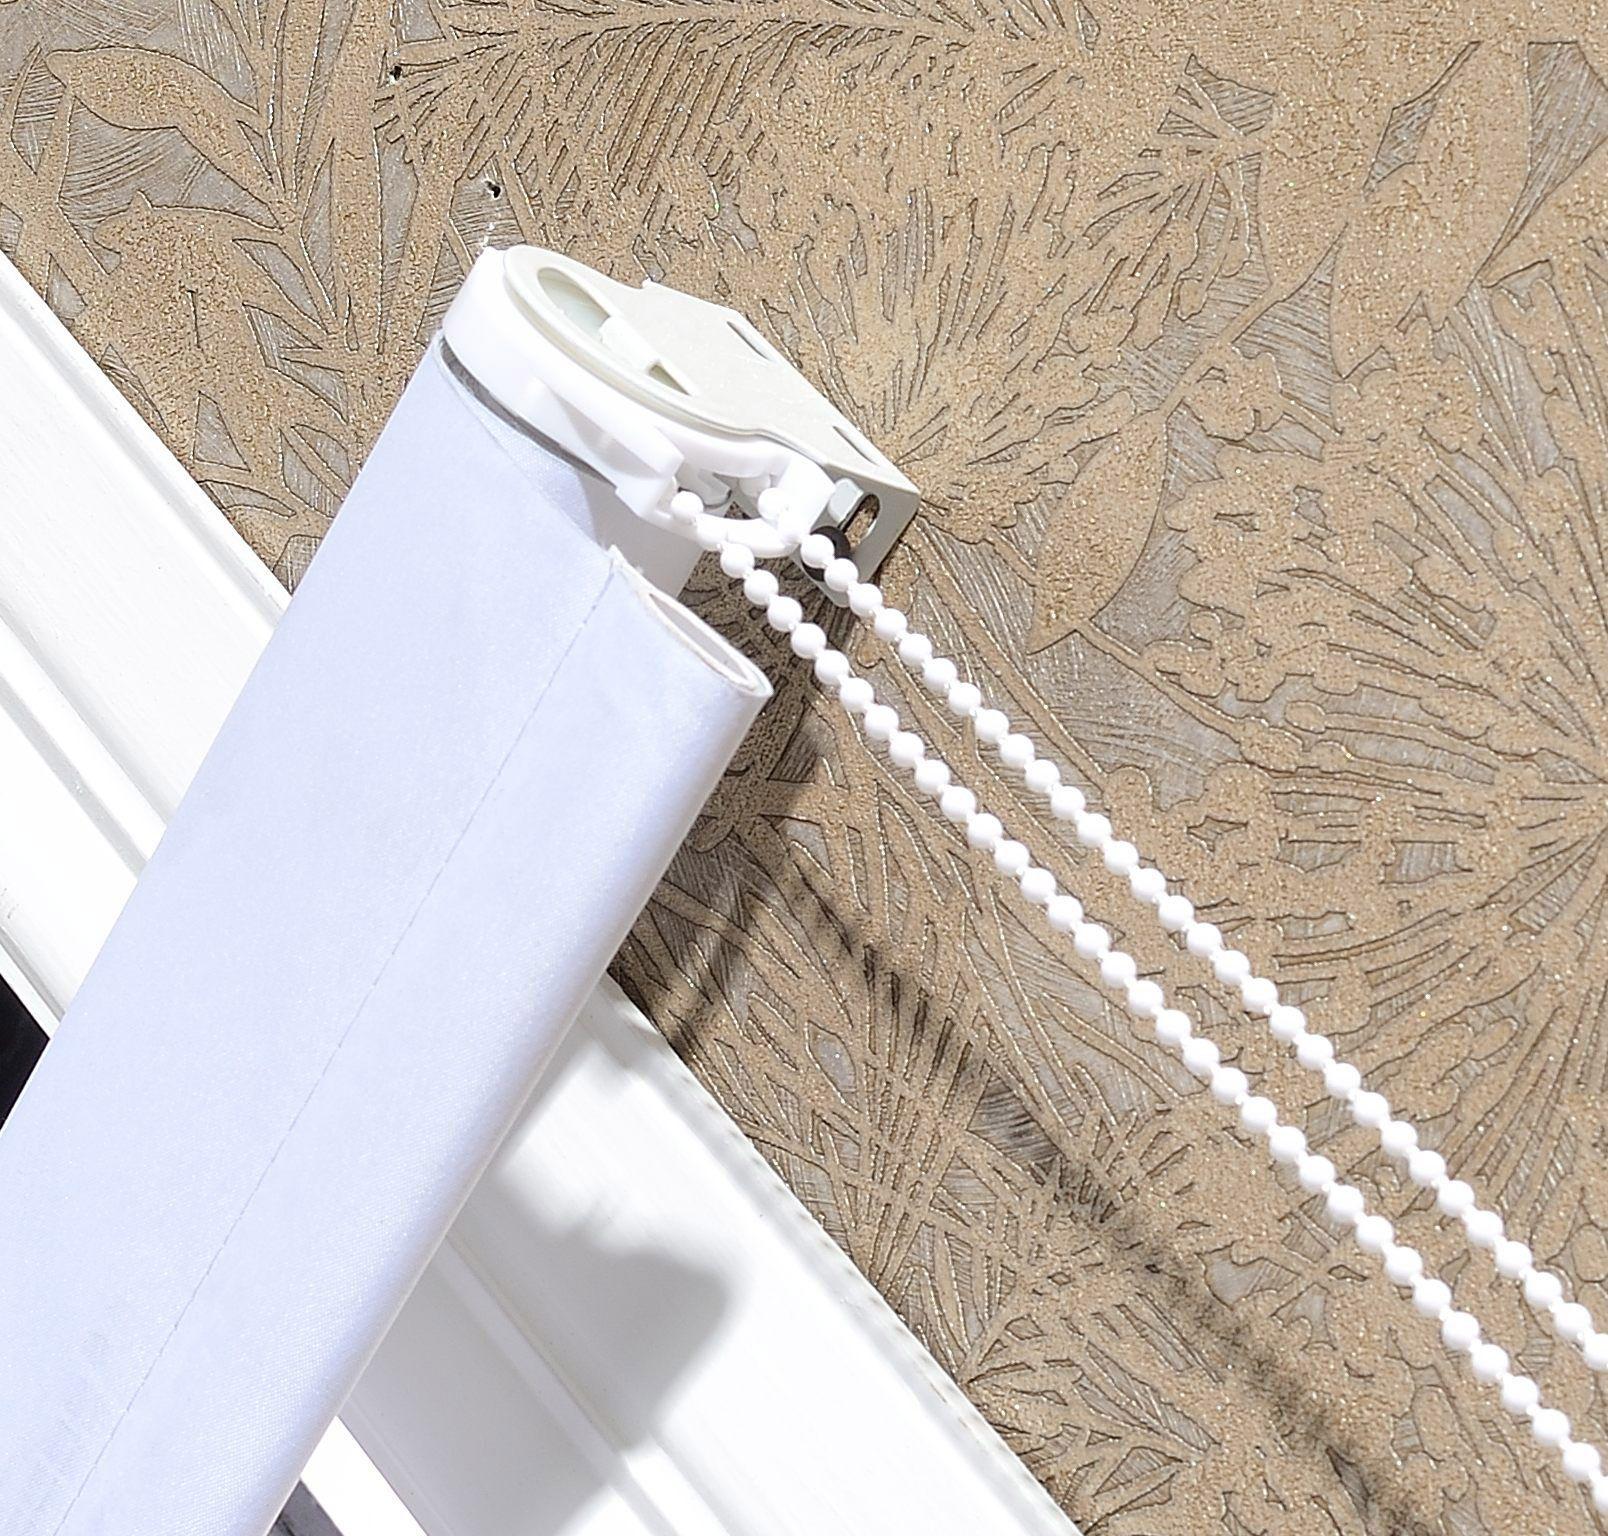 Evolux – Coleção Nouvel – Persiana Rolô Blackout Branca www.linhaevolux.com.br Persiana enrolável de fácil instalação, fabricada em poliéster com verso resinado em PVC, bloqueia a luminosidade exterior e oferece conforto visual e térmico. Indicada para todos os ambientes internos.